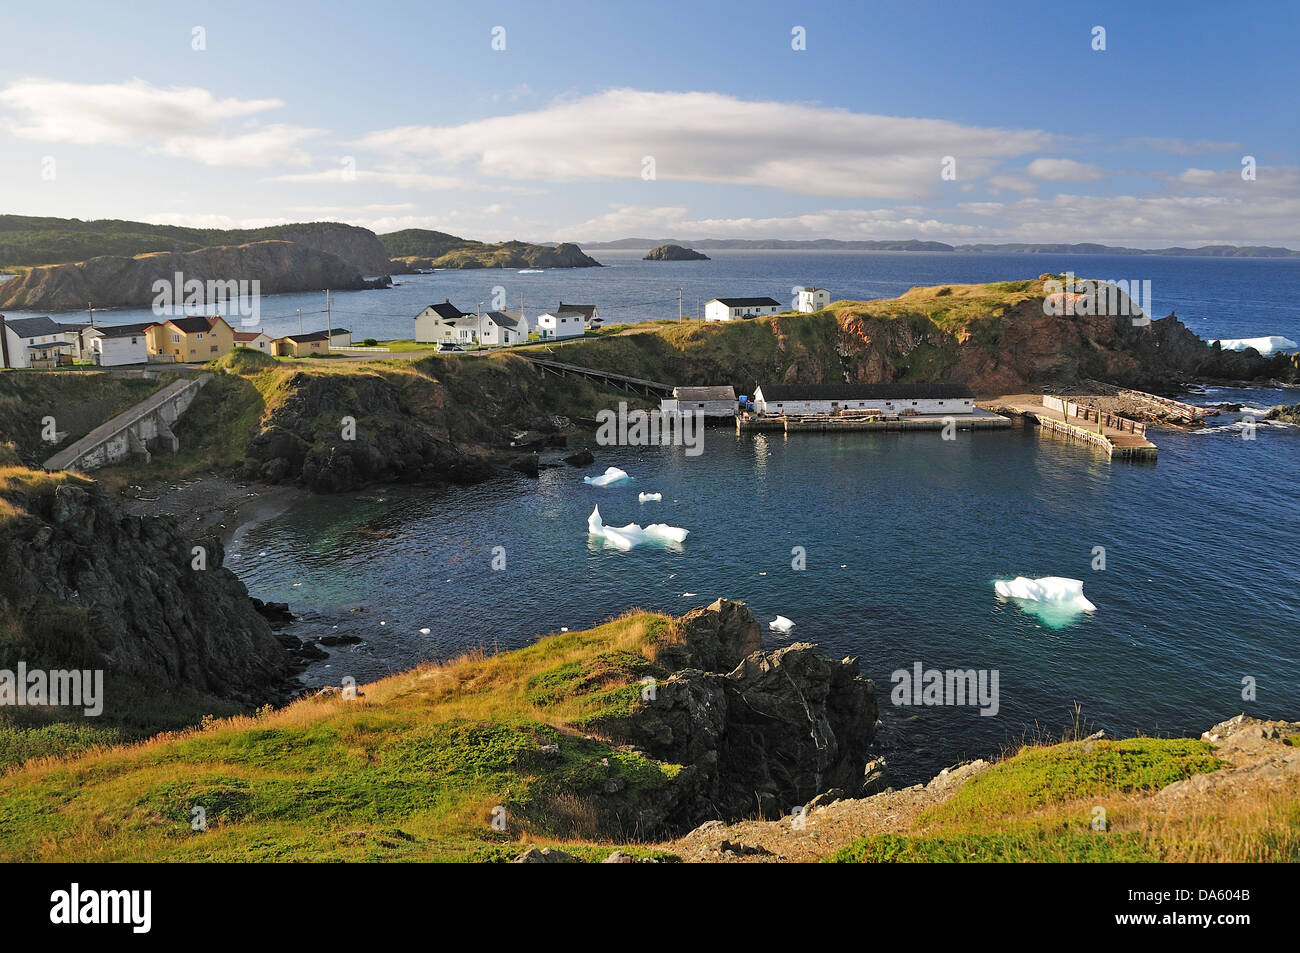 village, bay, secluded, icebergs, iceberg, Crow Head, Twillingate, Newfoundland, Canada, landscape, nature, coast, - Stock Image